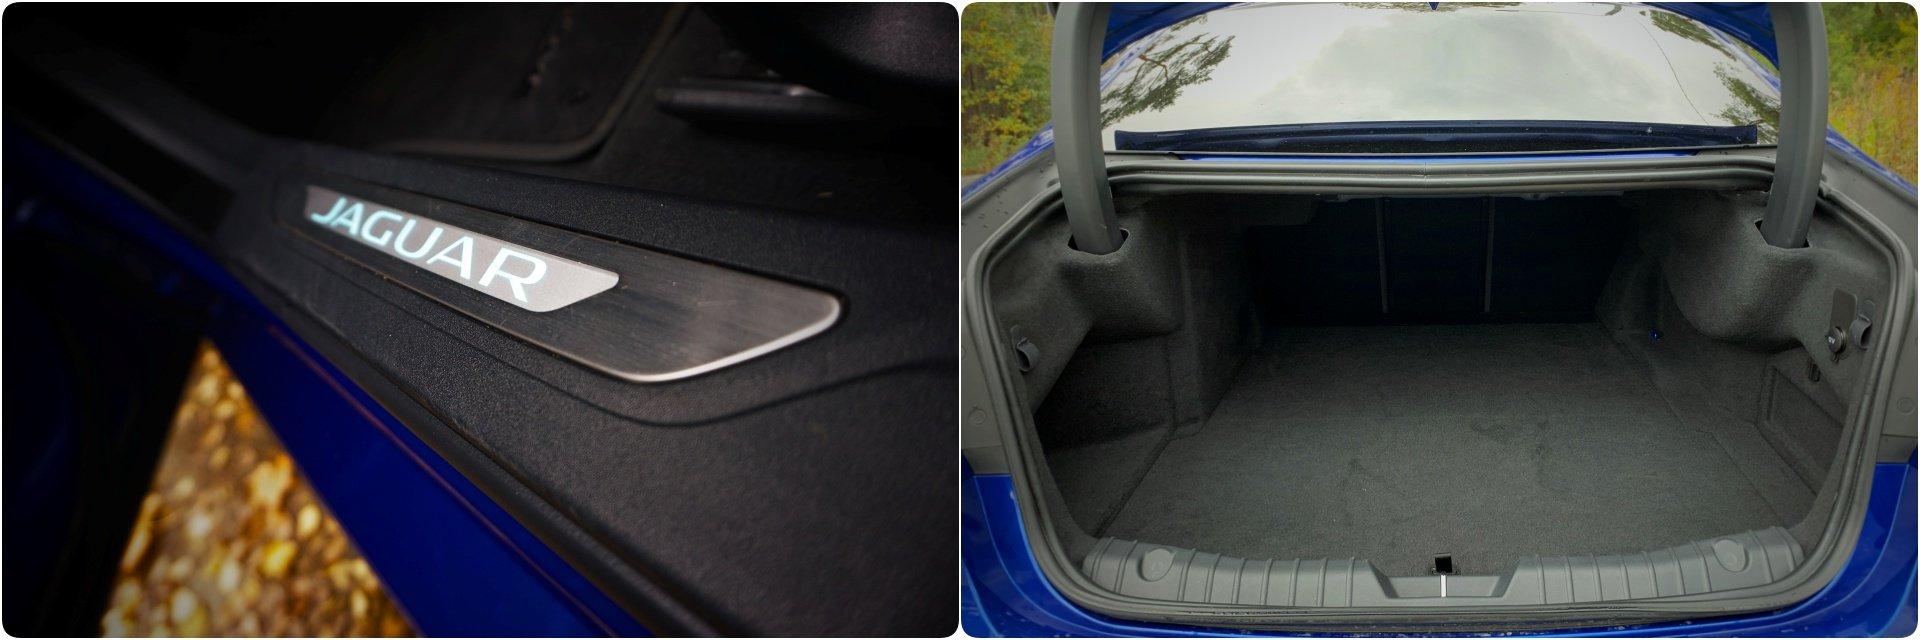 Тест-драйв Jaguar XF 25t: роскошь и стиль в одной упаковке